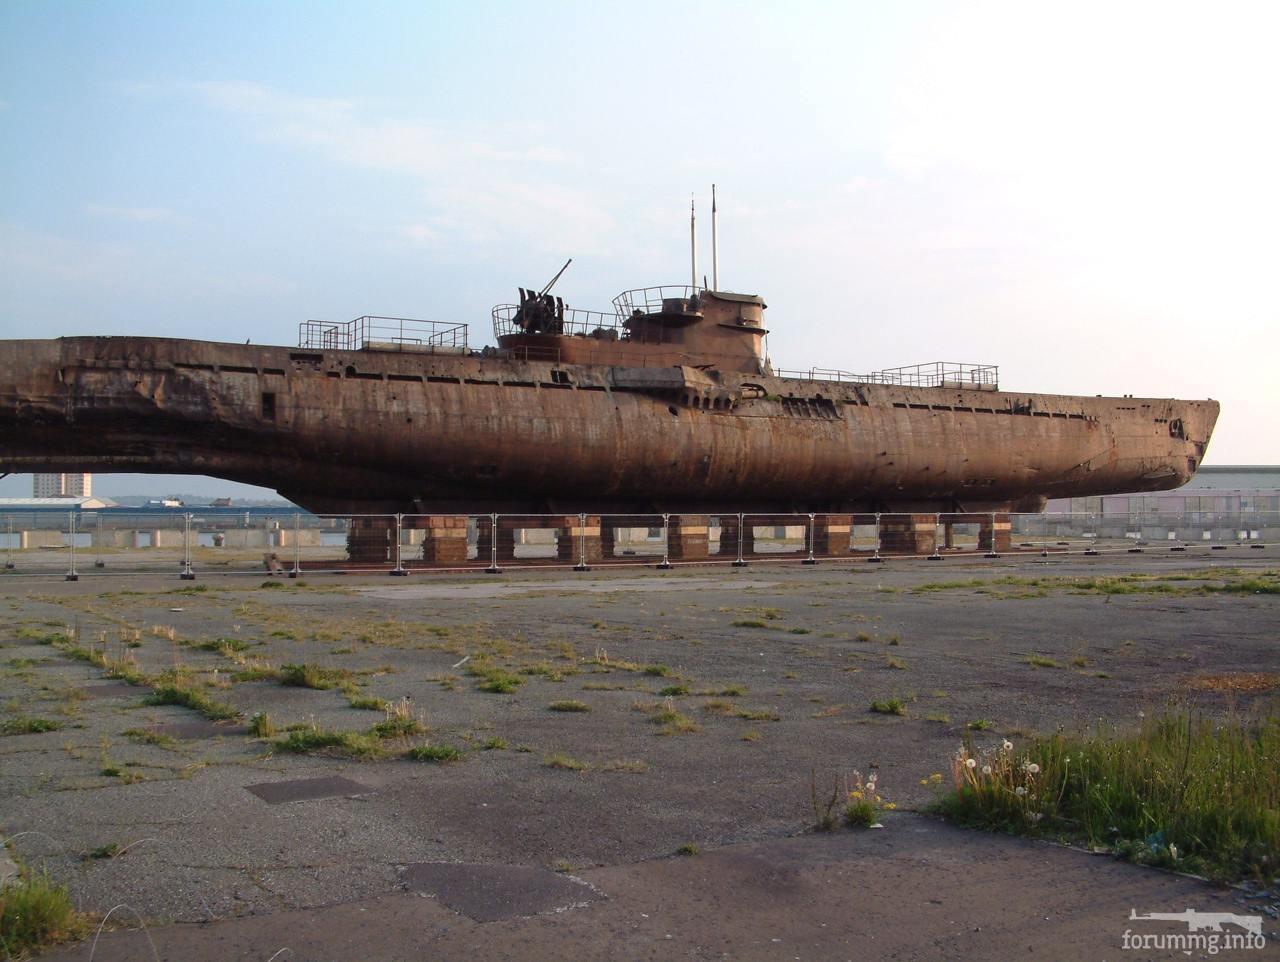 127355 - Как сделать музей с U-534